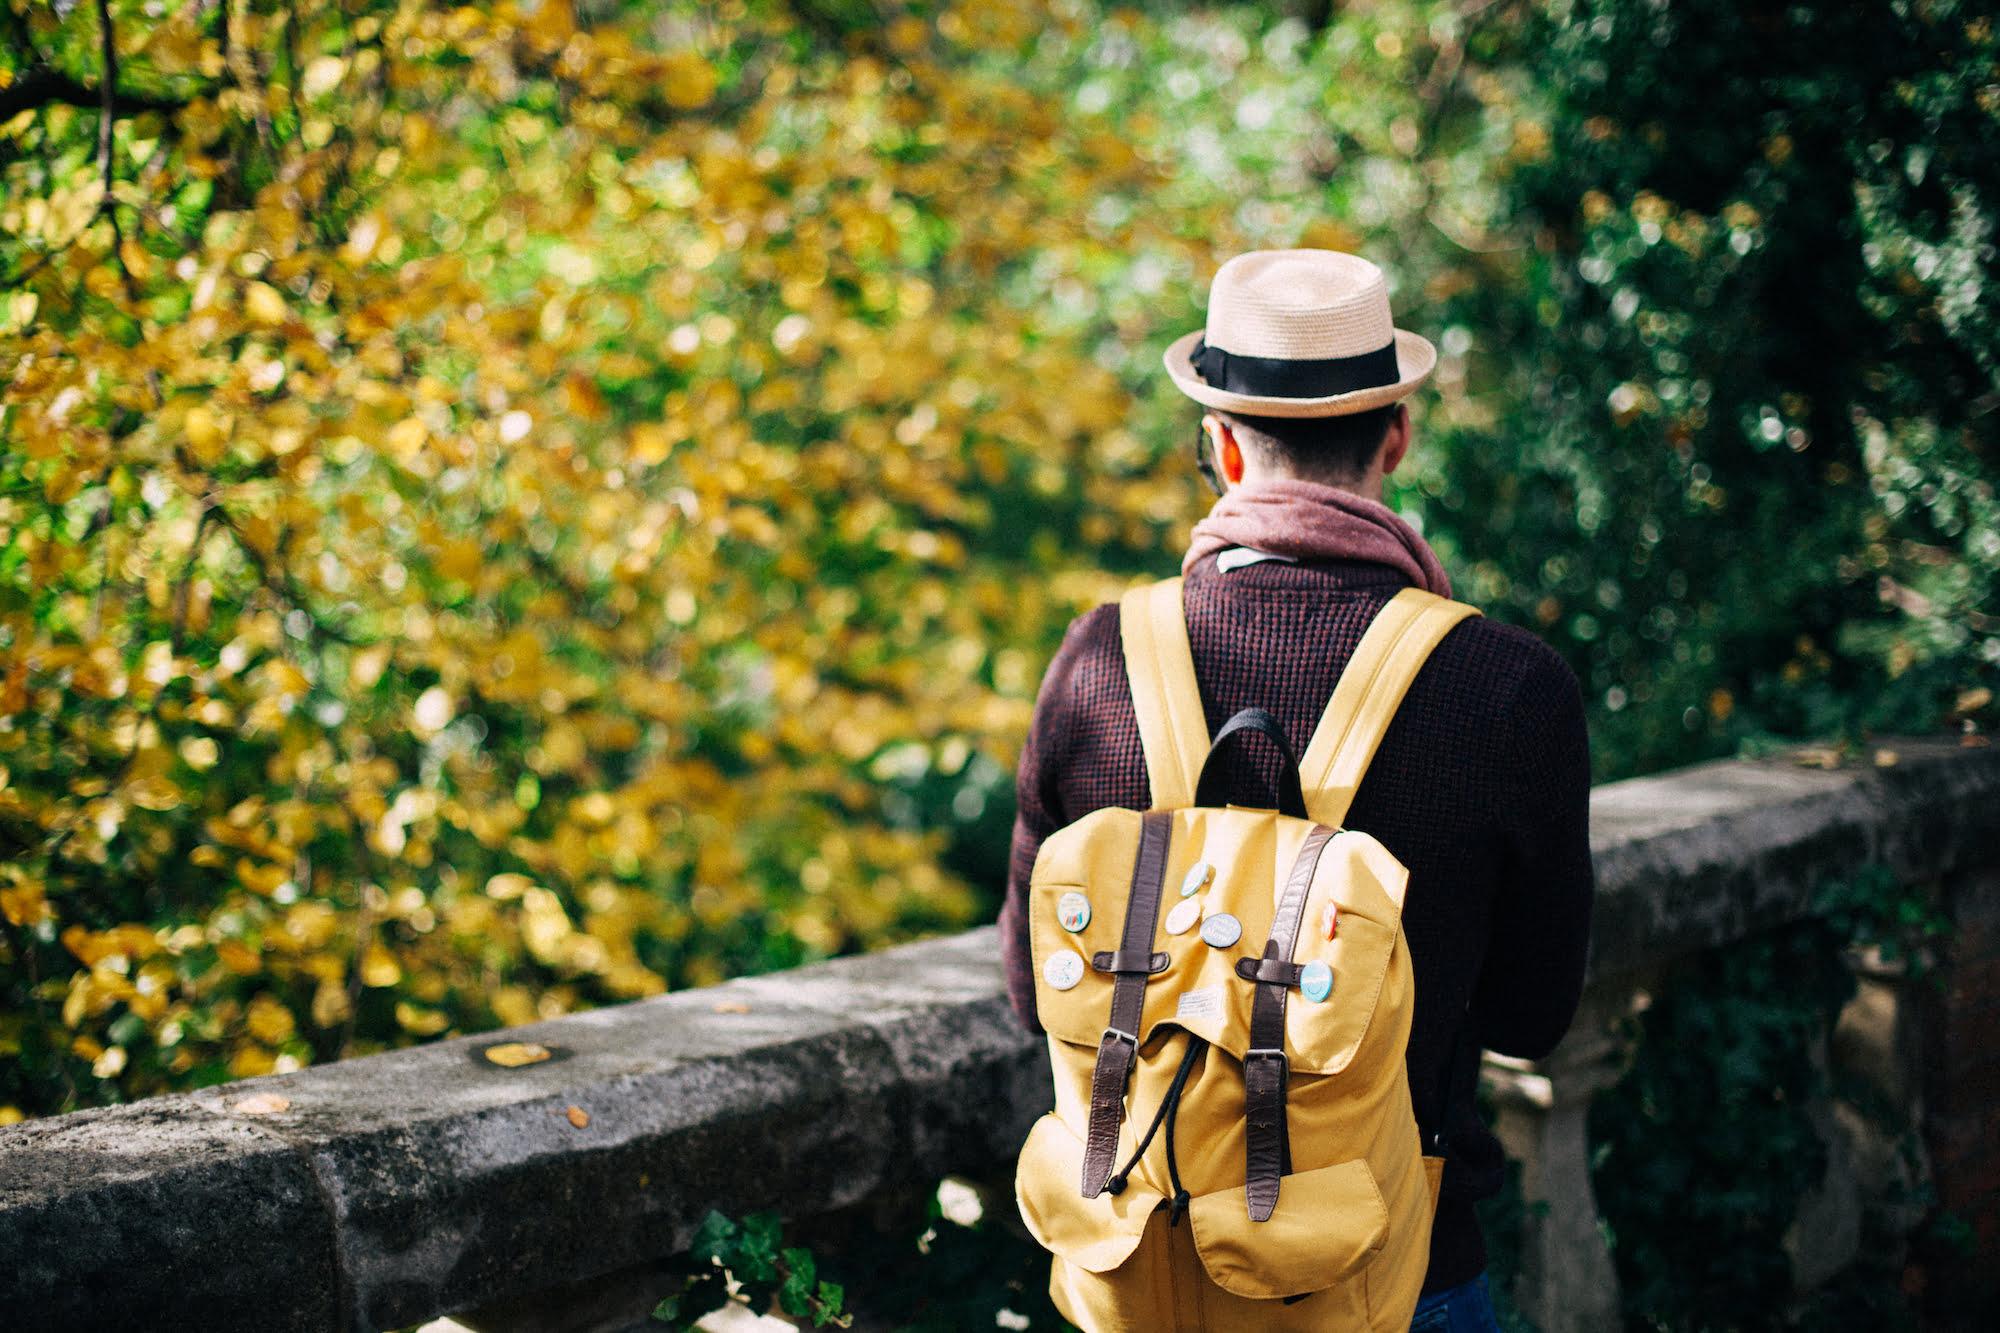 autumn wild nature 20161215 1 1 九月難|伊娃詩選